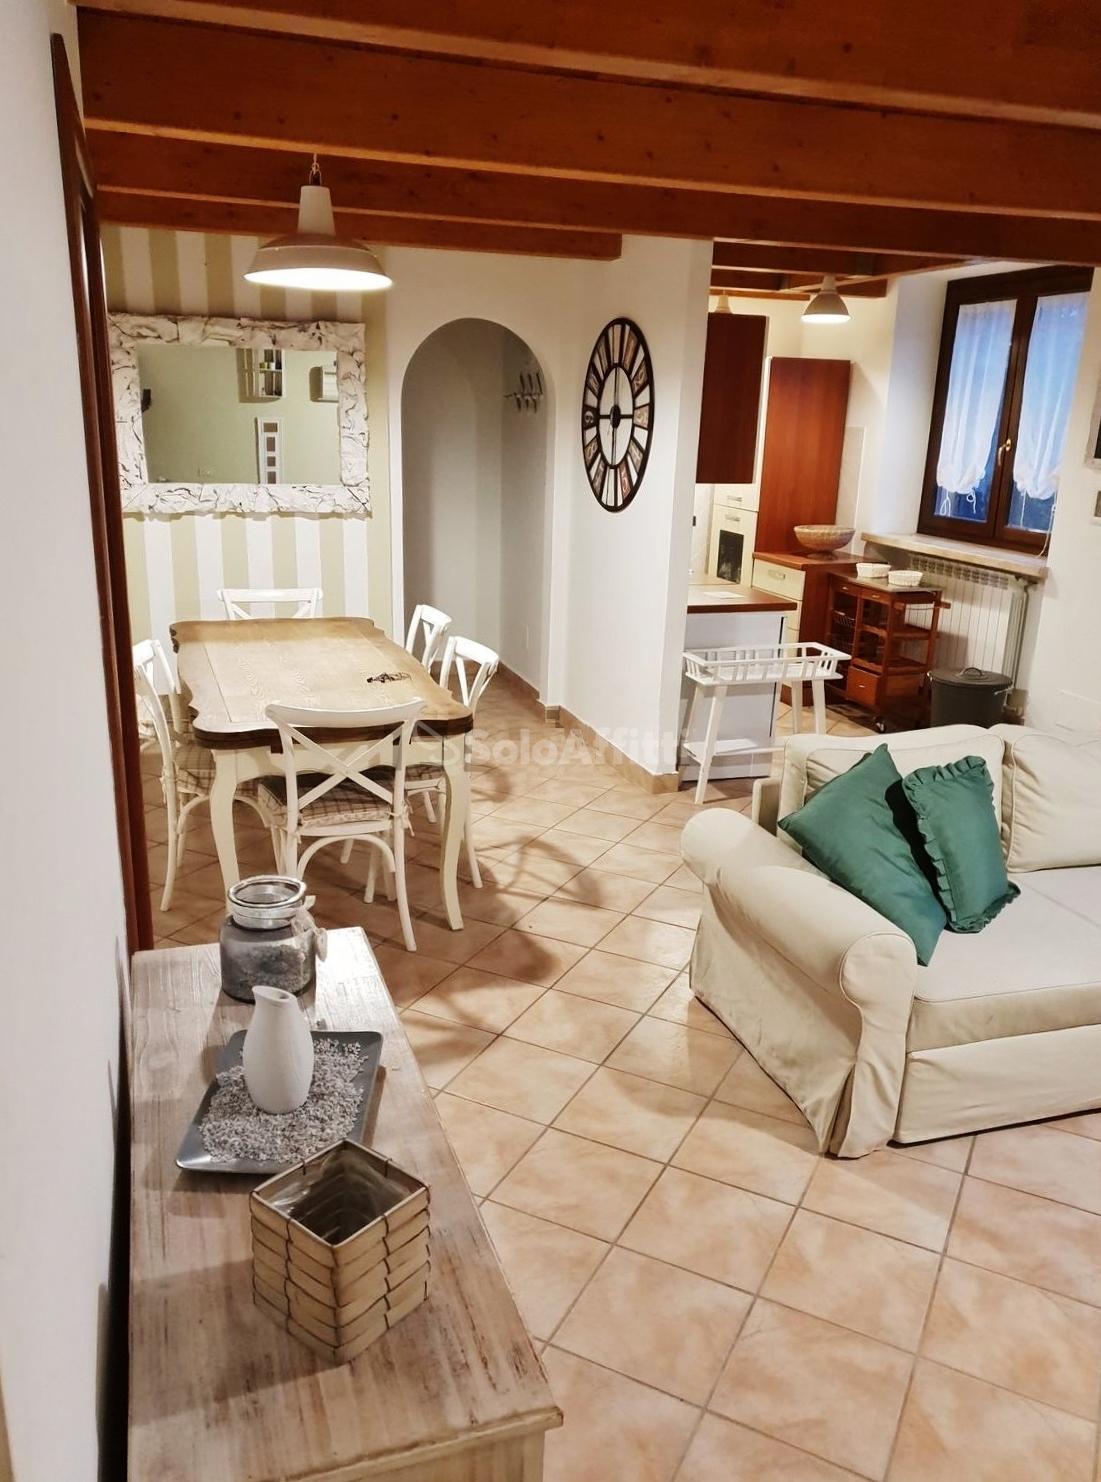 Fiumicino, Maccarese - villa a schiera con giardin